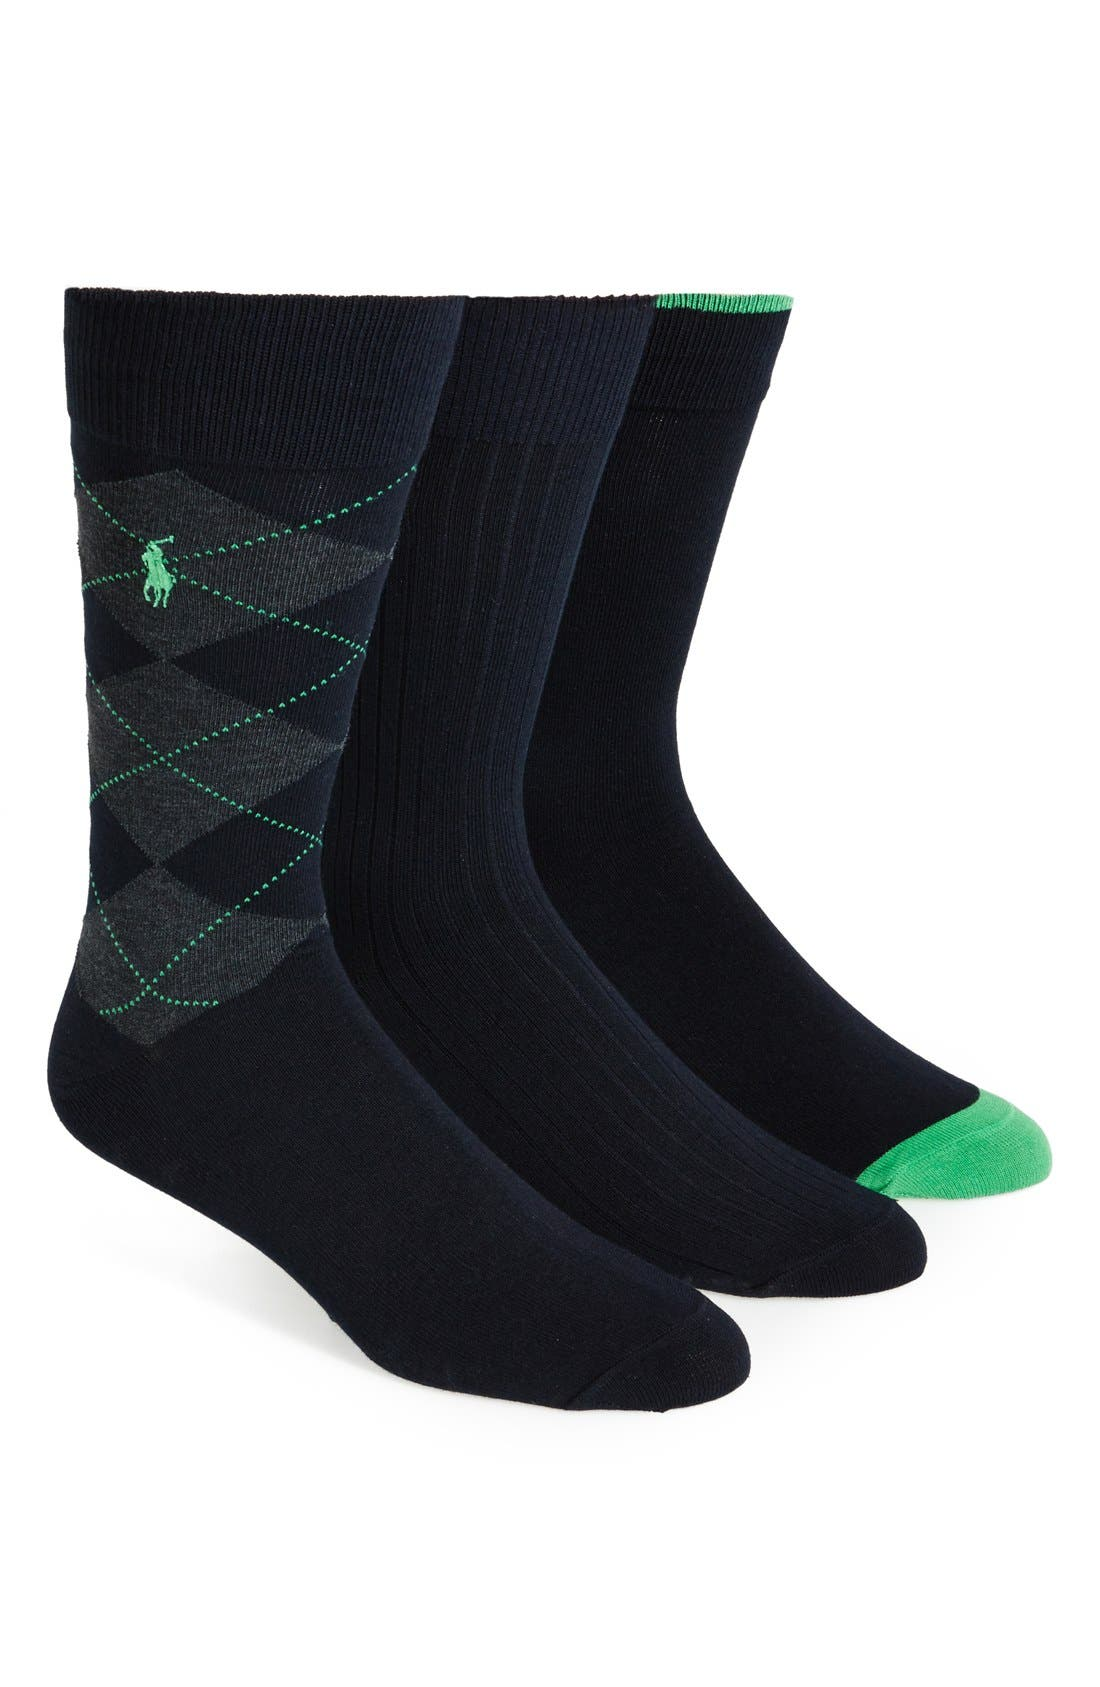 Alternate Image 1 Selected - Polo Ralph Lauren Cotton Blend Socks (3-Pack)